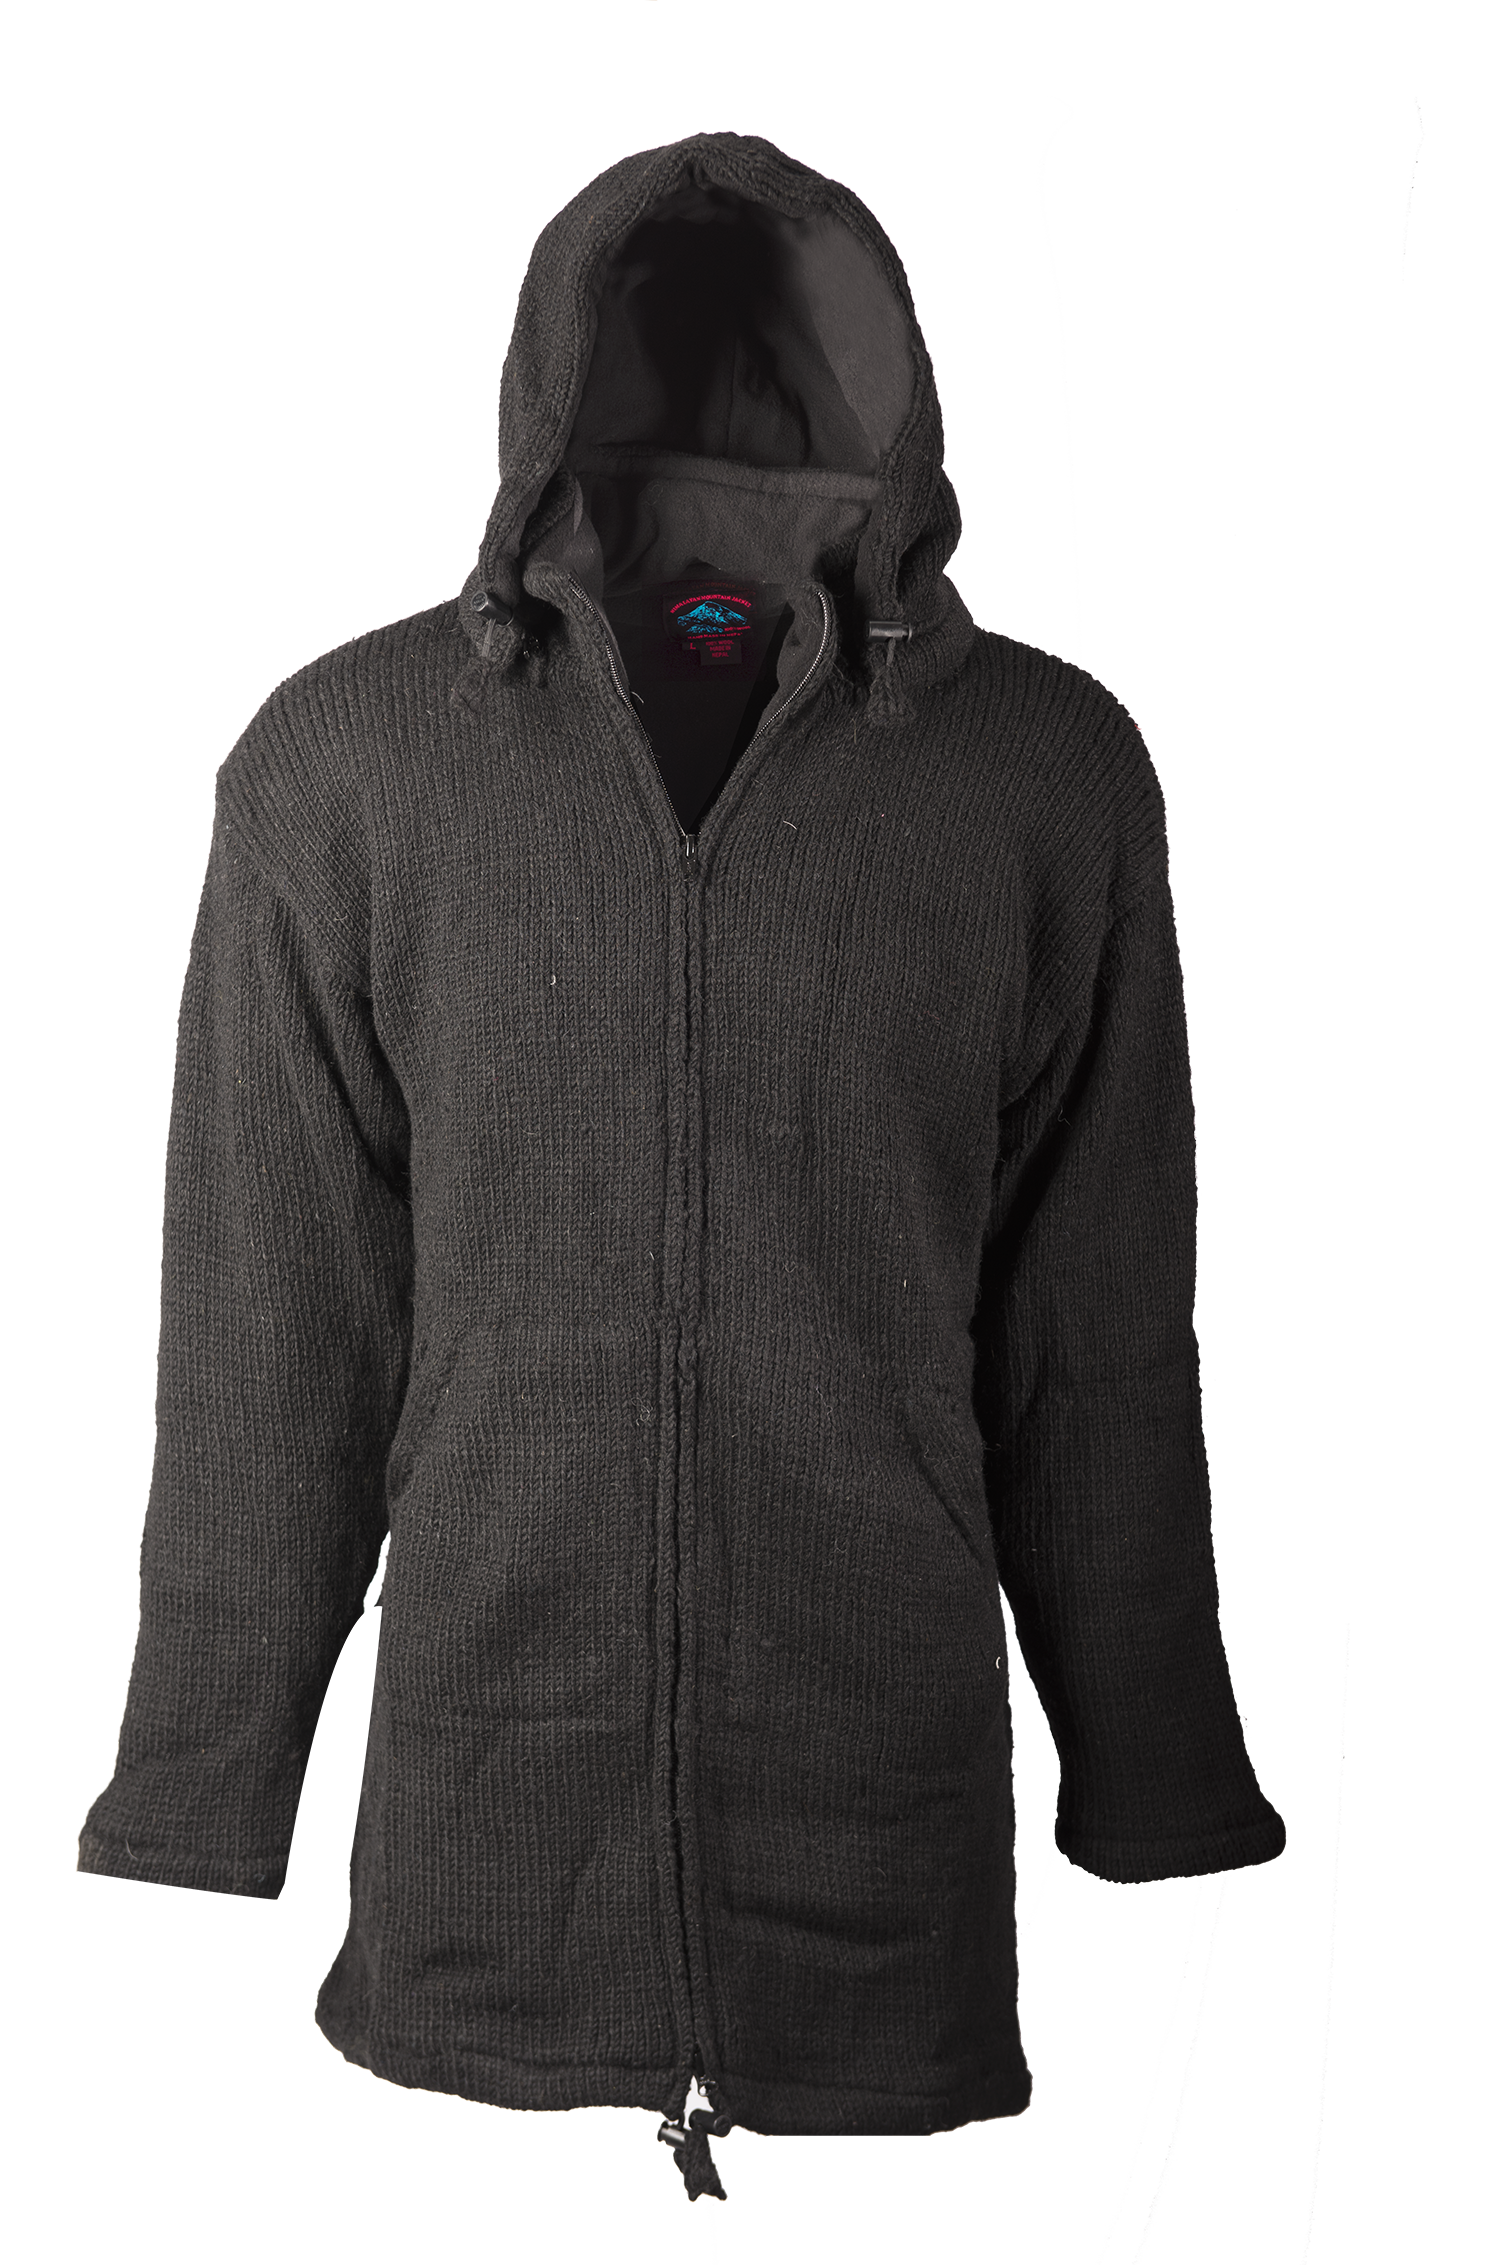 Himalayan Mountain Jacket Long Length, Solid Black